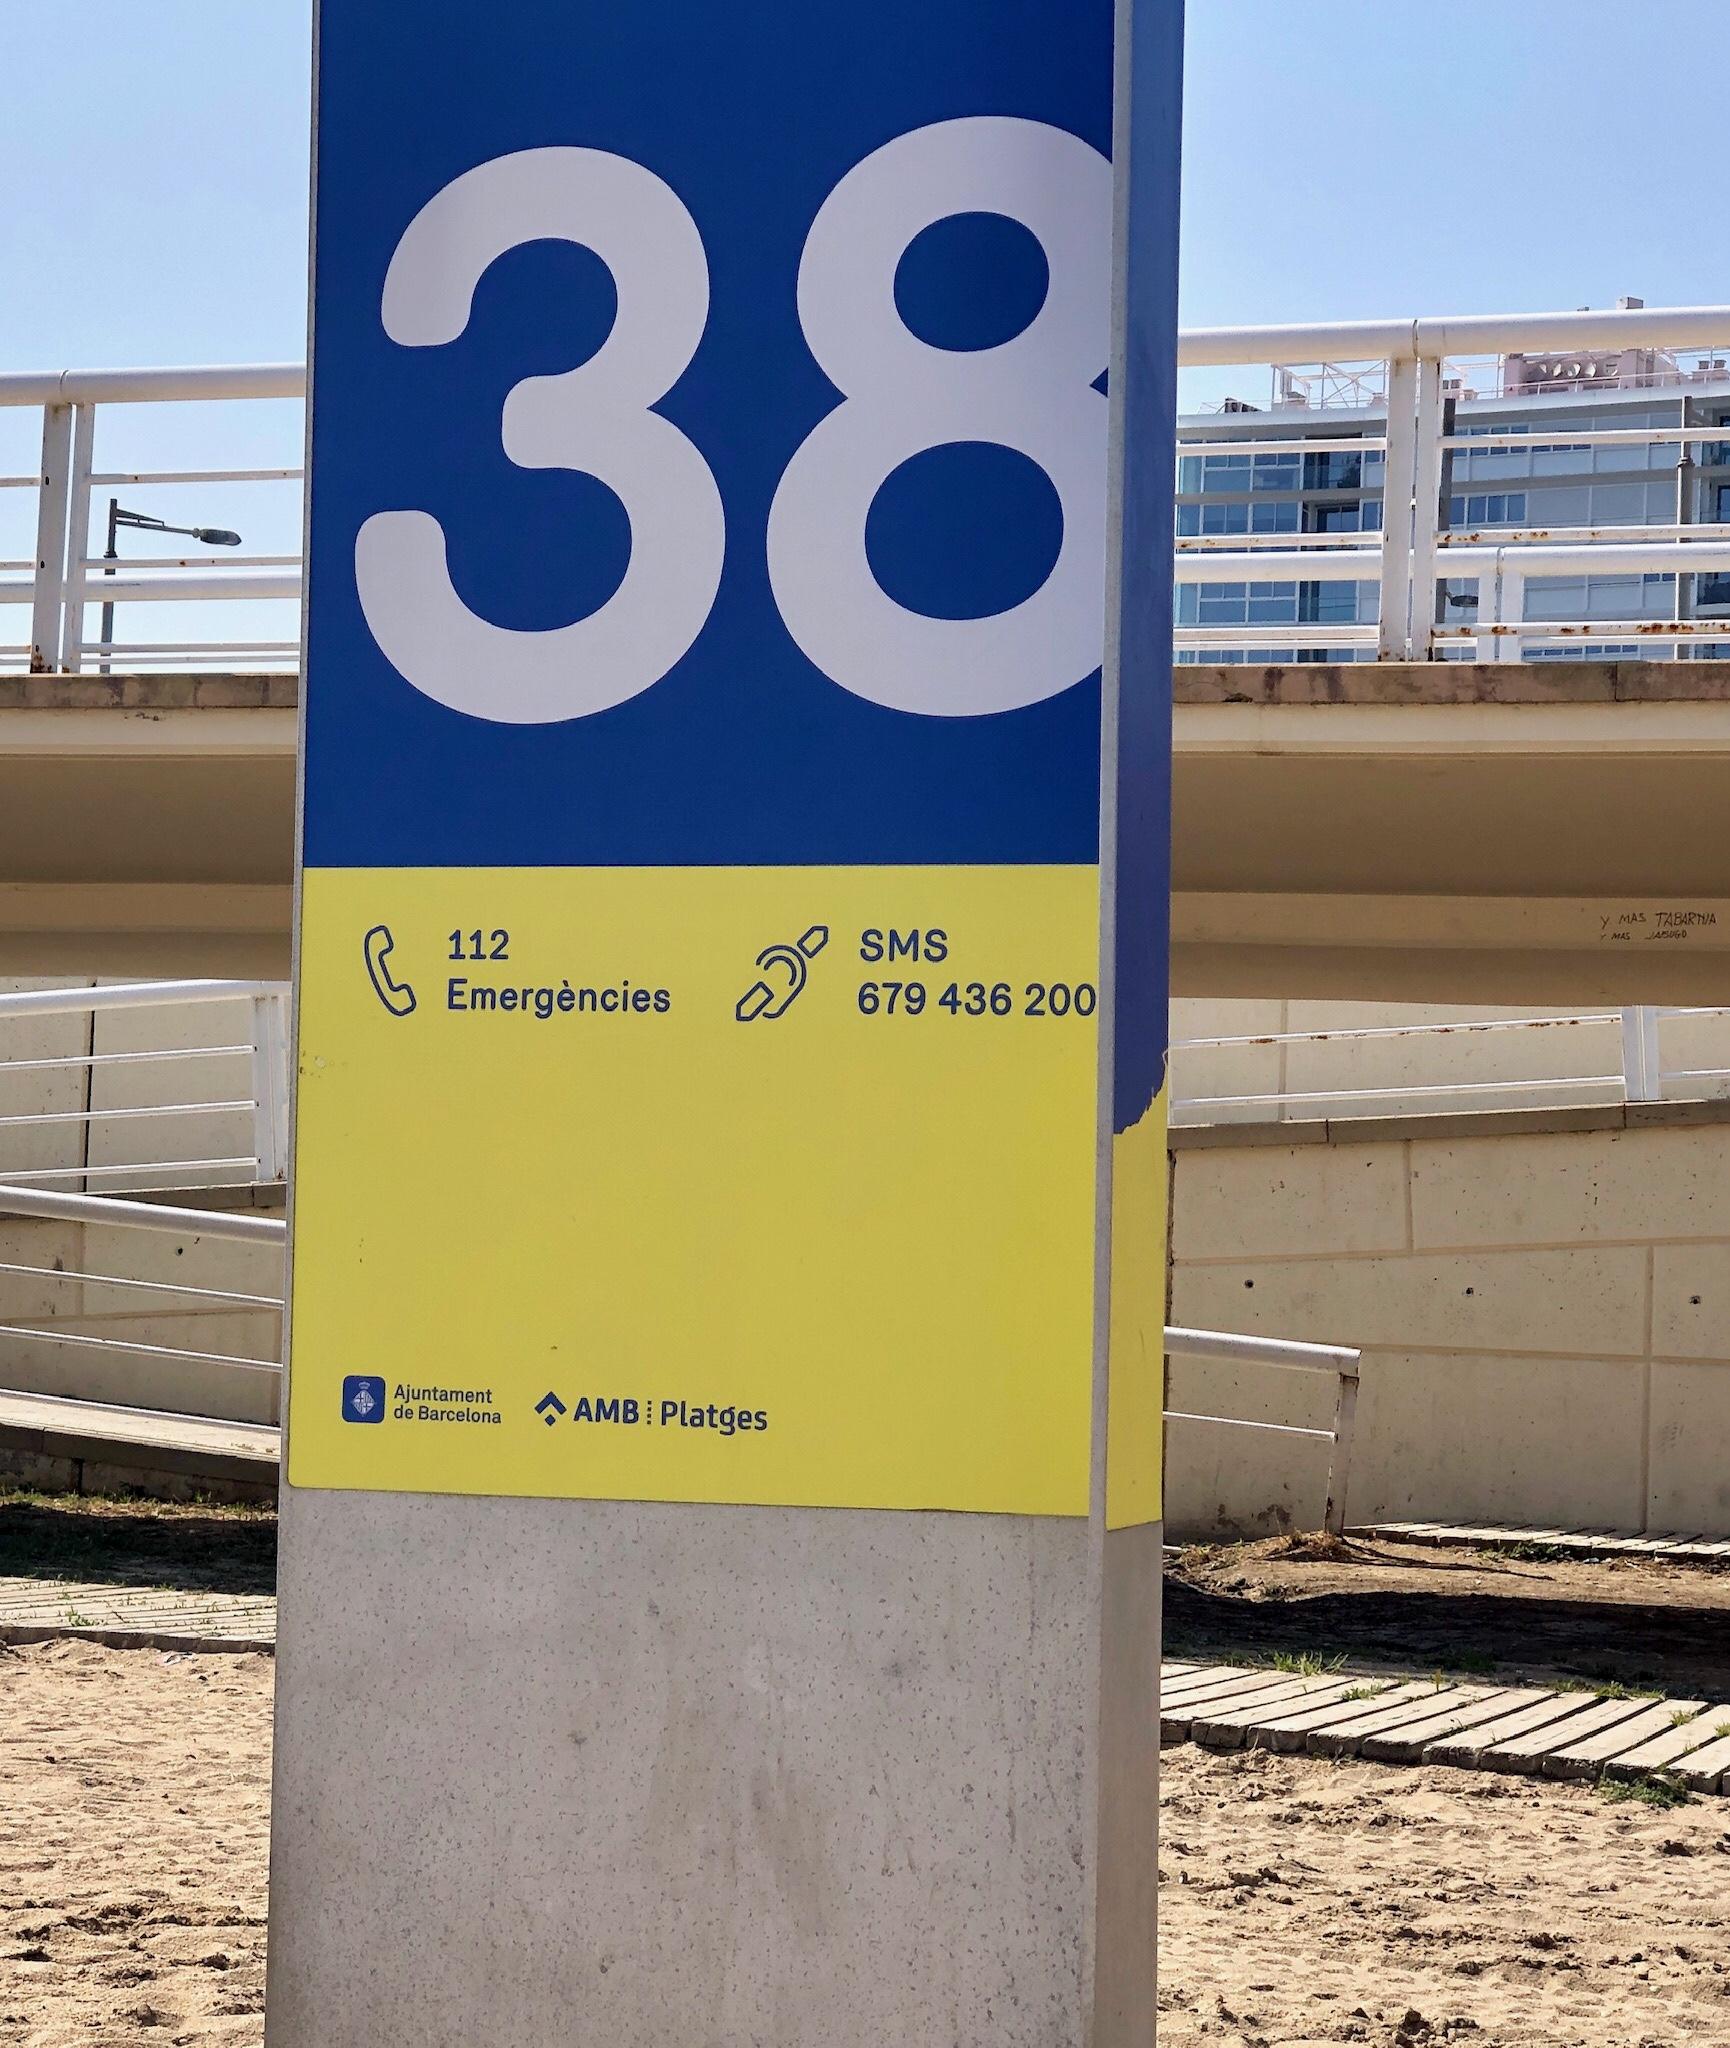 Hinweisstele am Strand von Barcelona mit Hinweis auf Notrufnummern